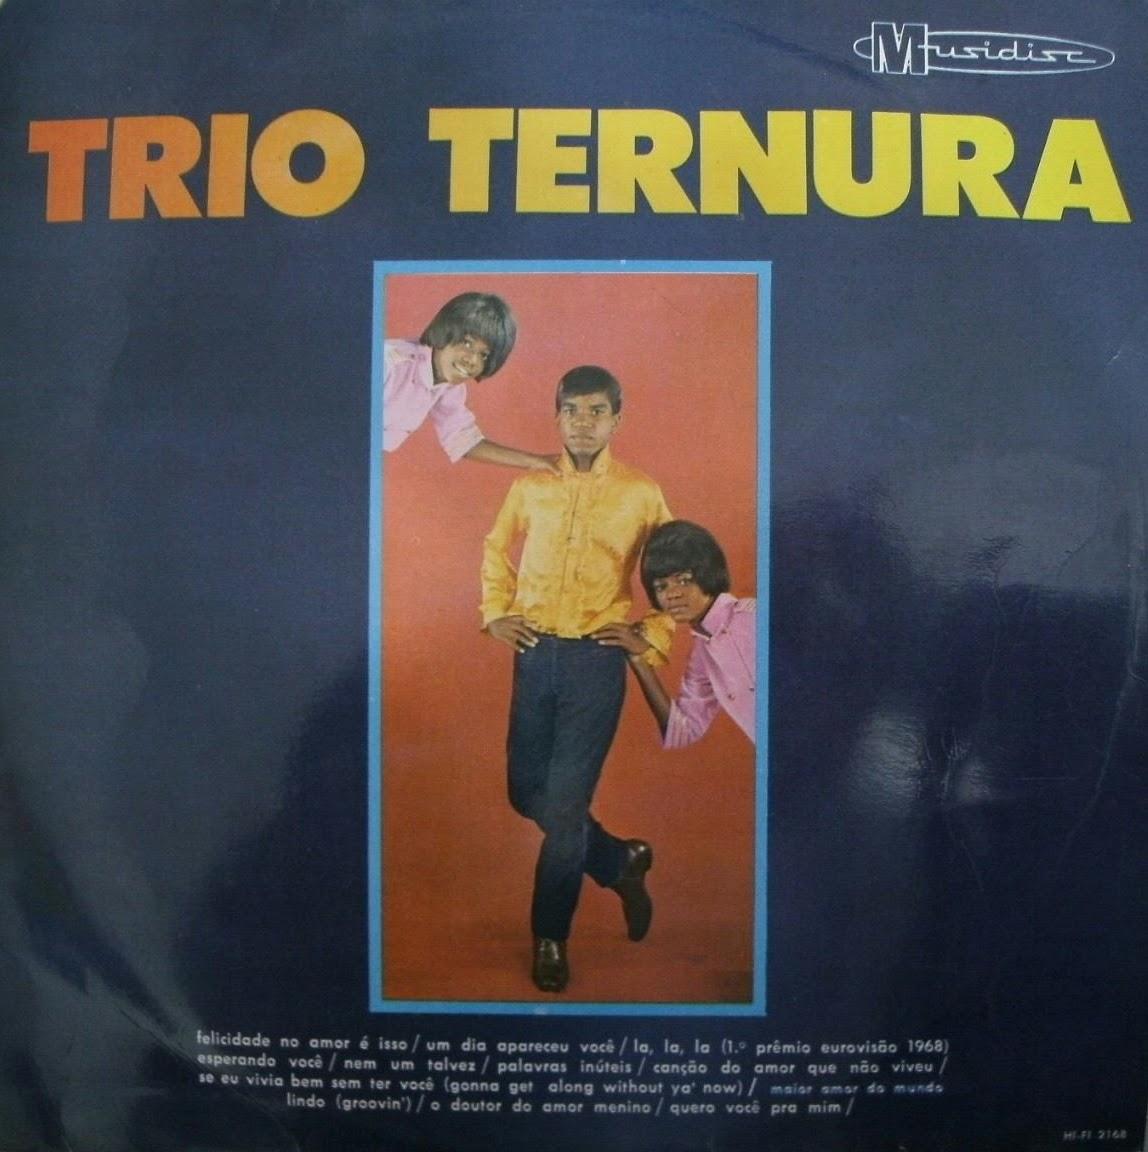 TRIO DO GRATUITO TERNURA MUSICAS AS DOWNLOAD